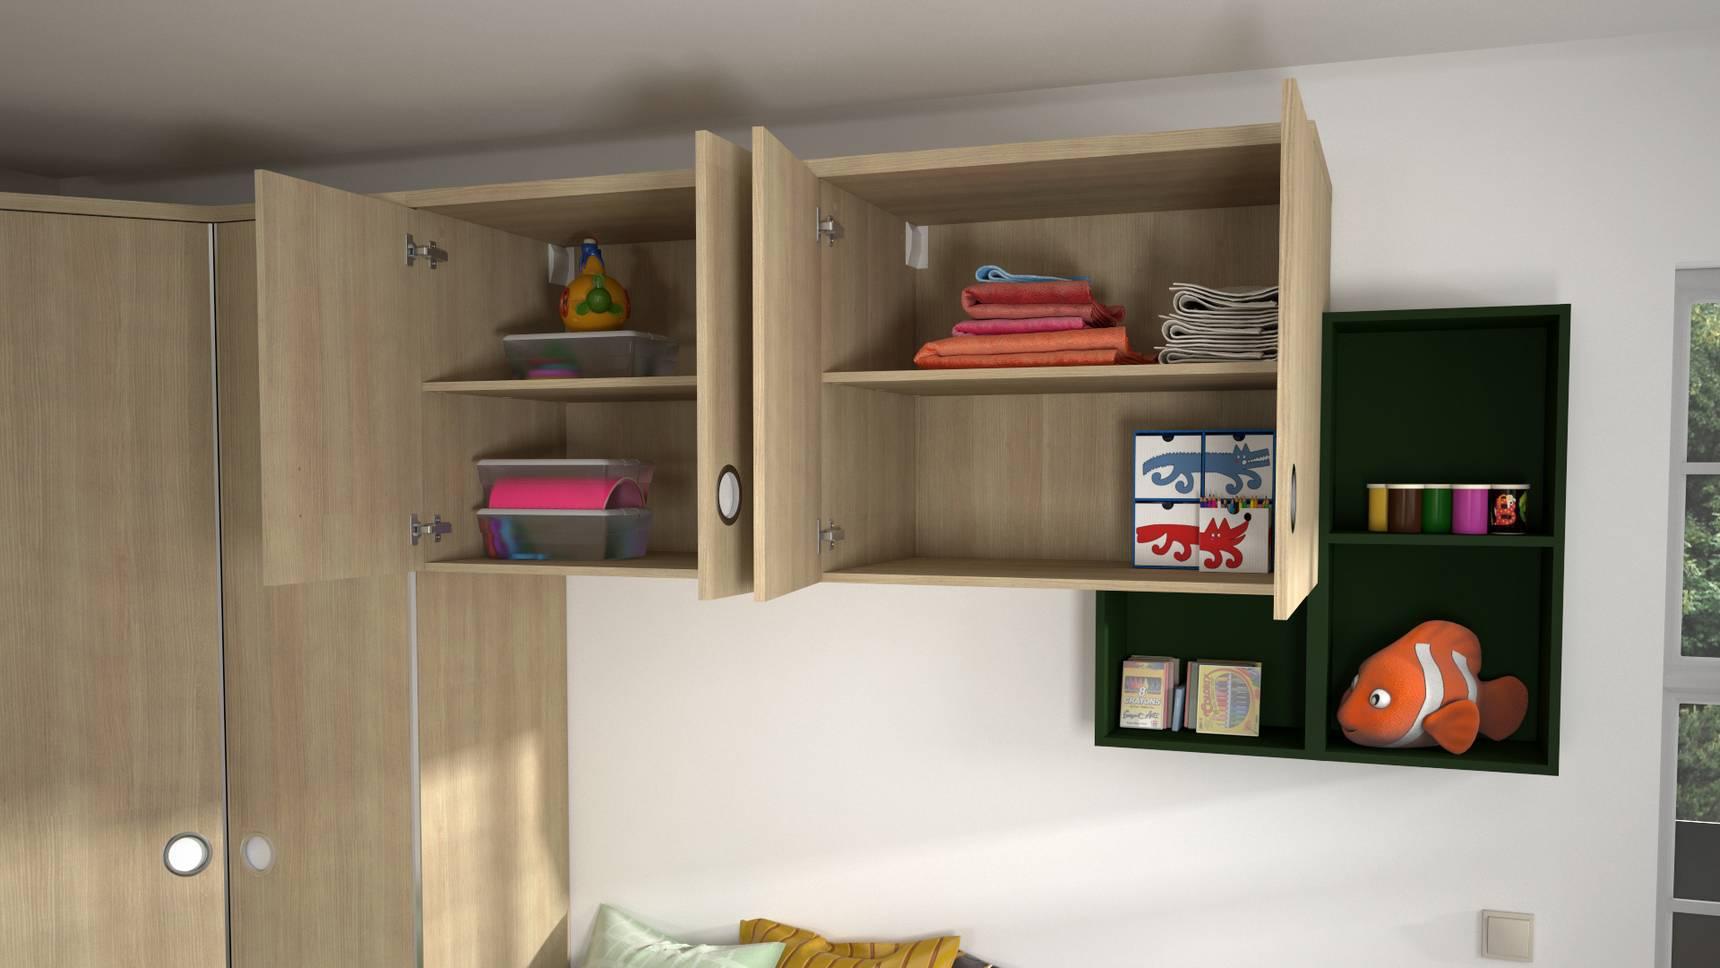 Dormitorio Juvenil IH144 – idehabita.com Detalle03